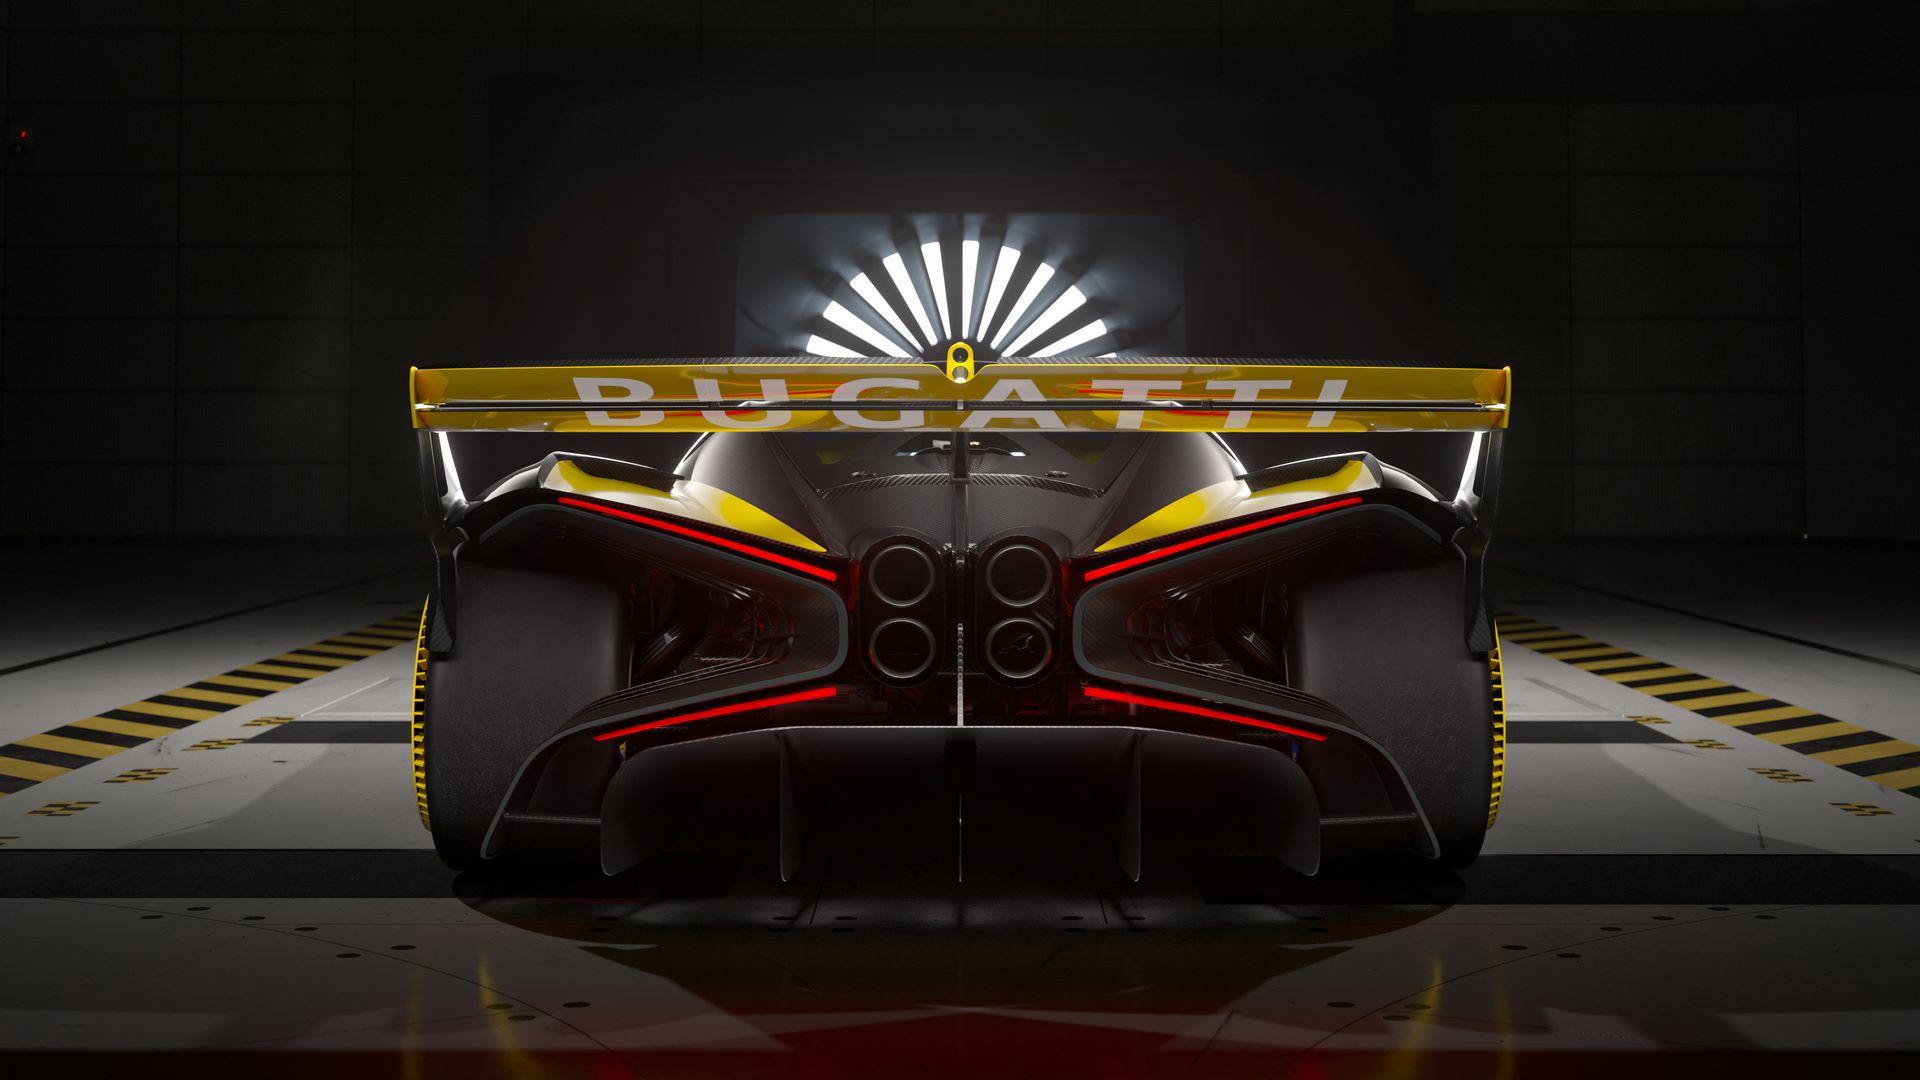 Bugatti-Bolide-production-version-7